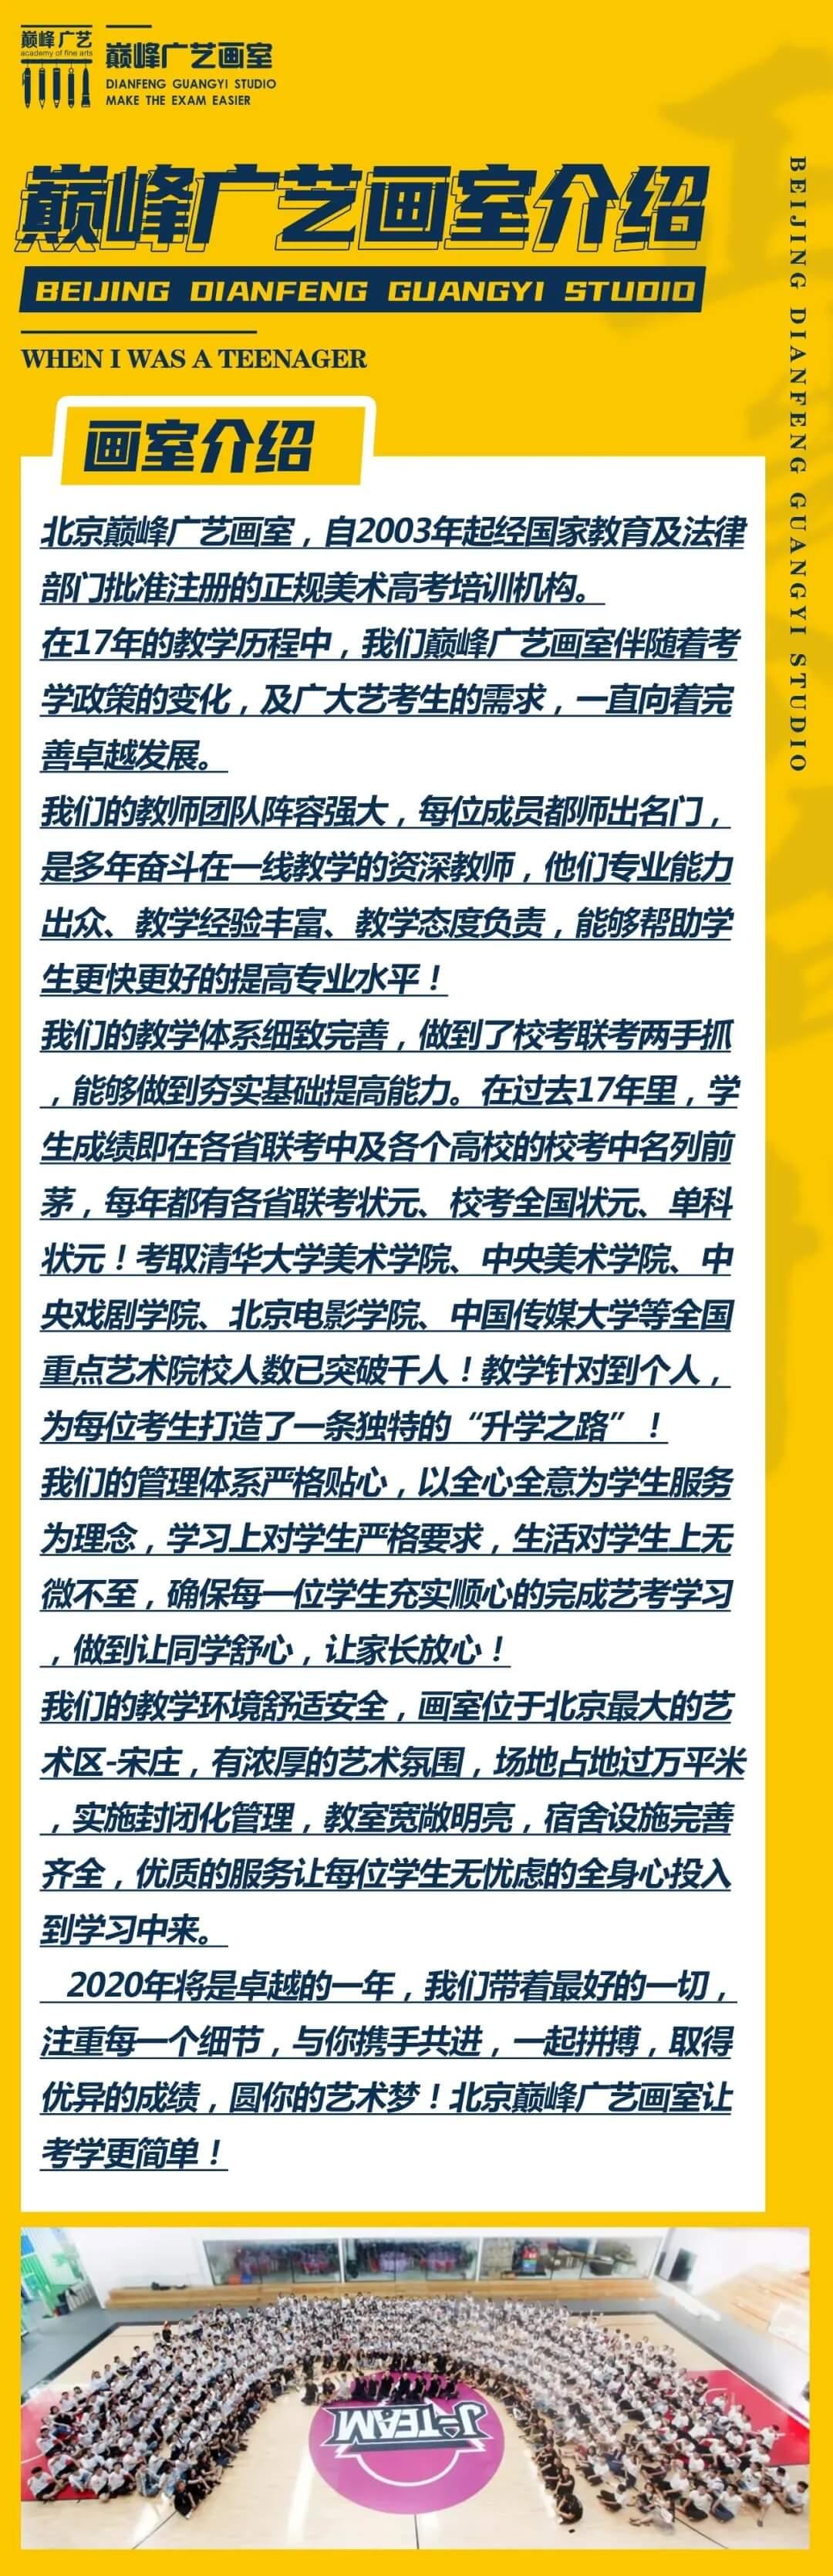 北京巅峰广艺画室,北京画室,北京美术集训,08